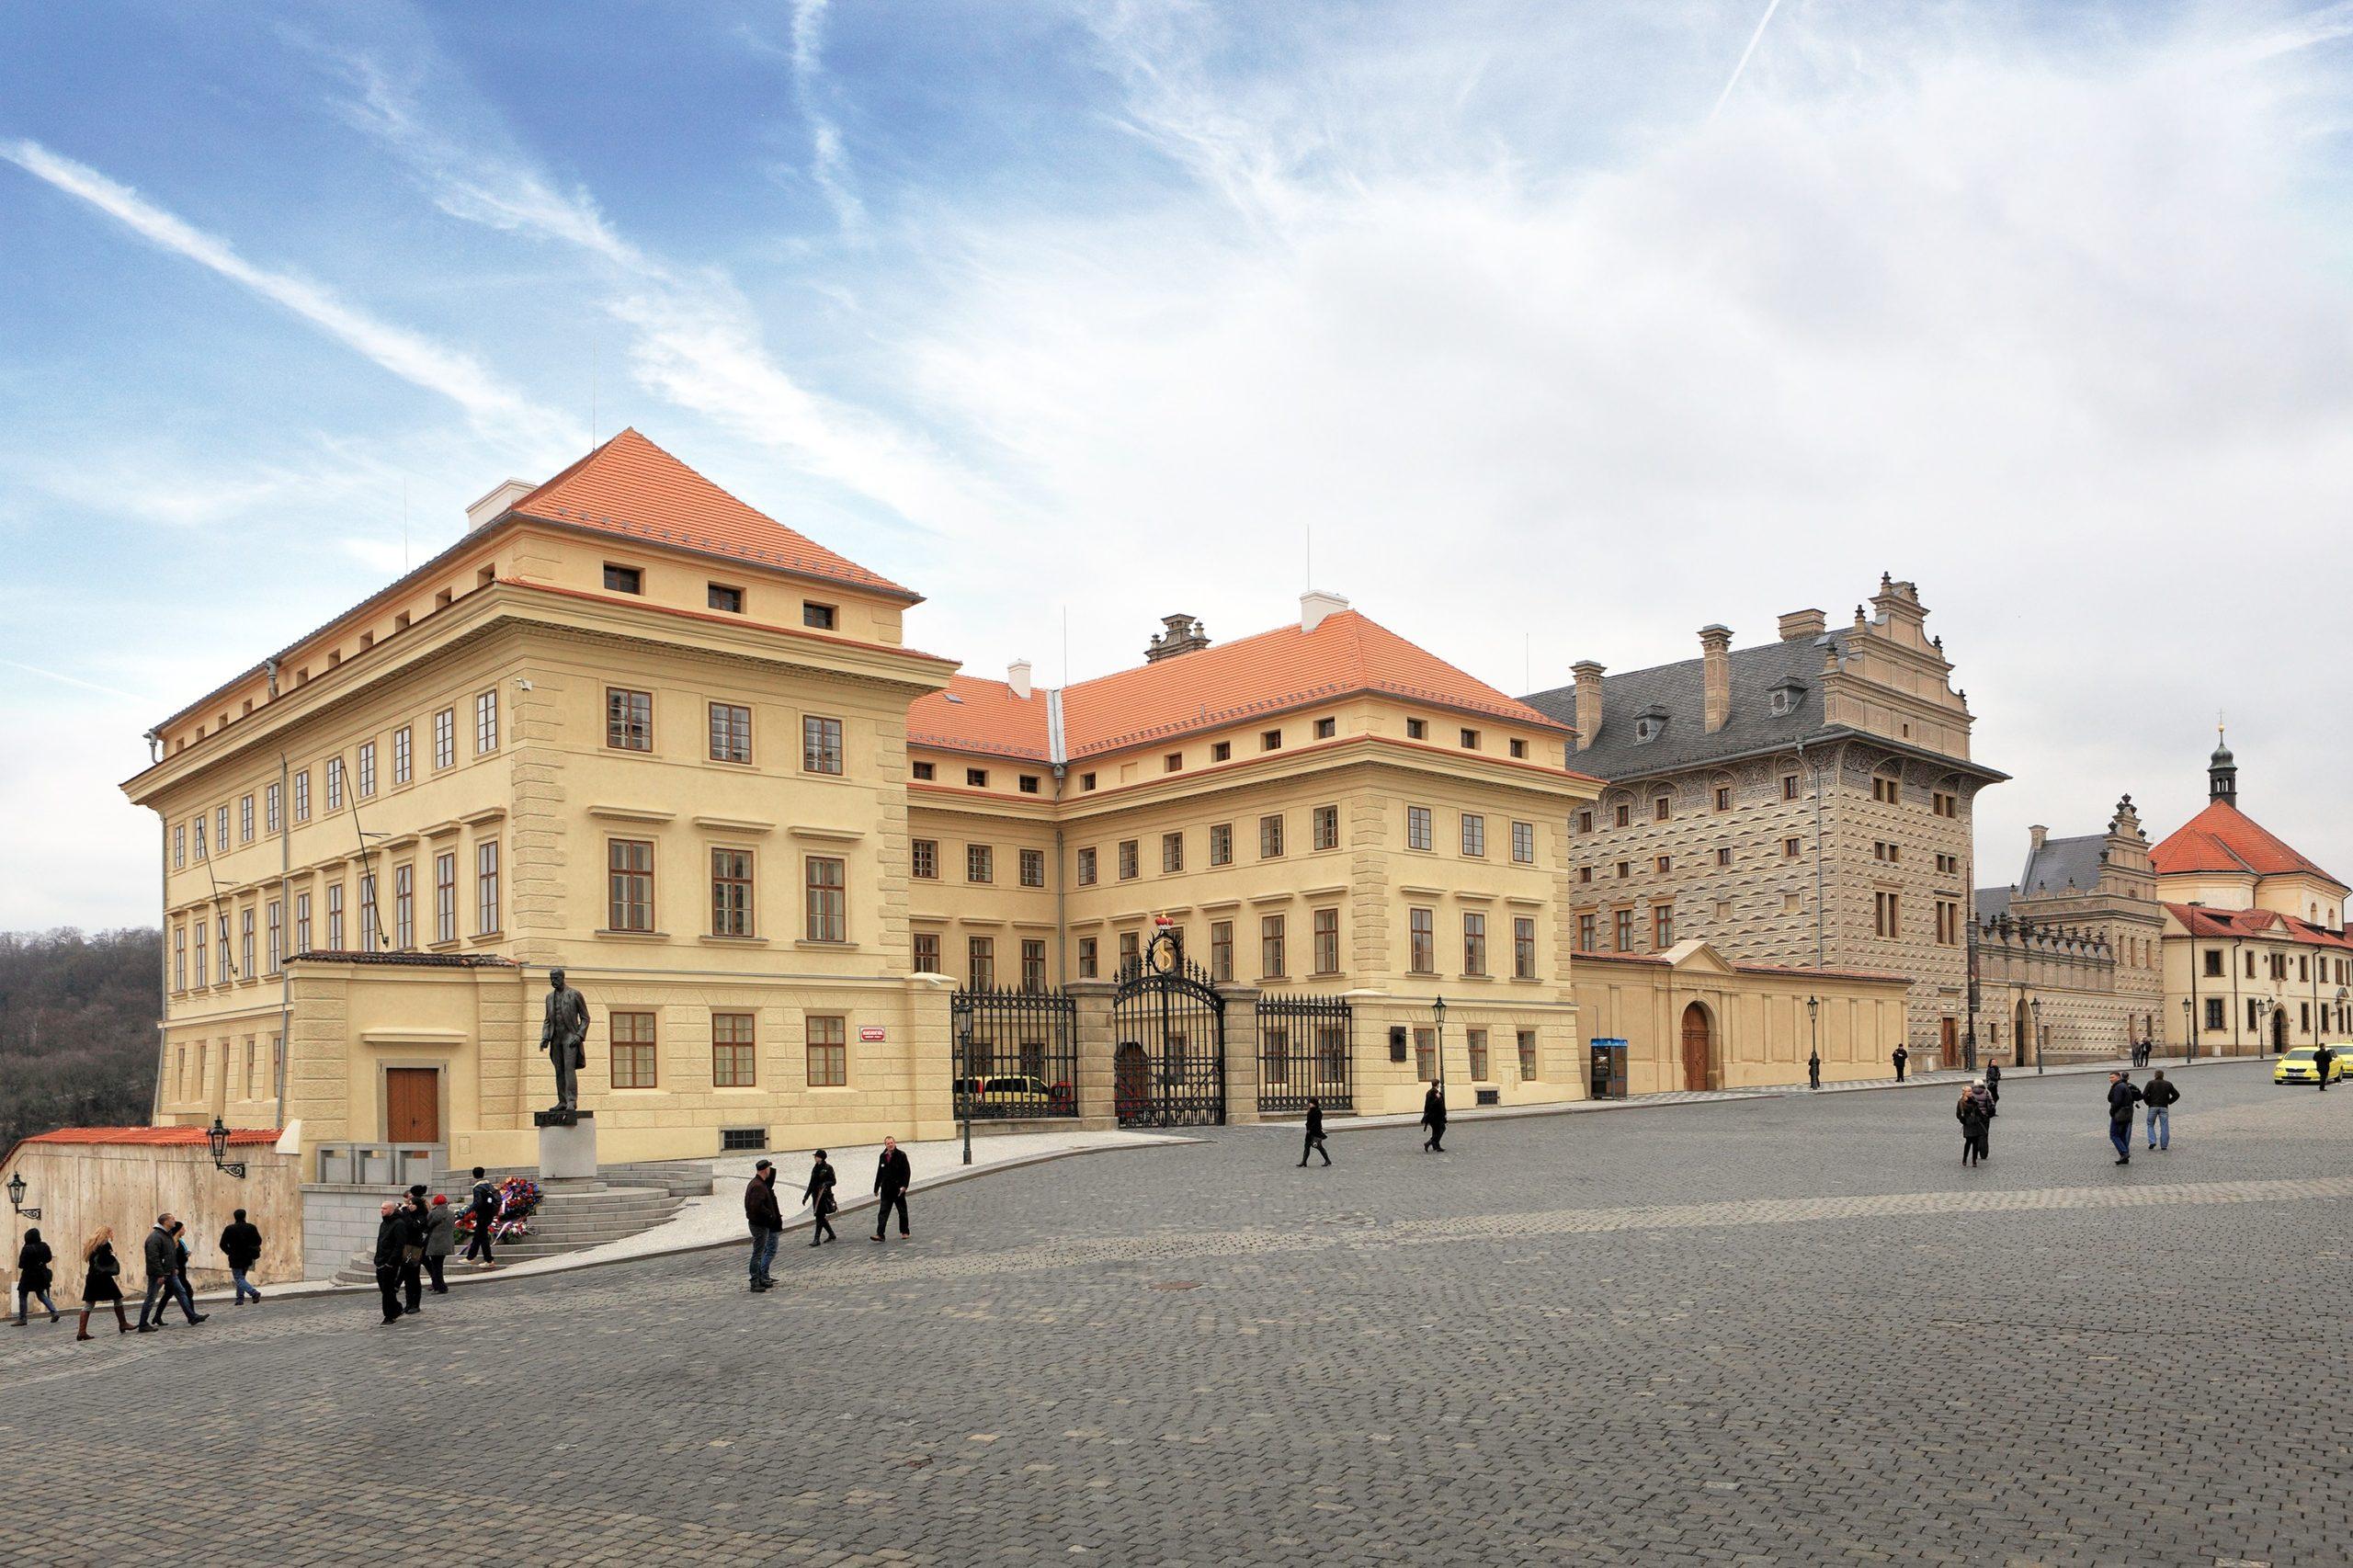 Schwarzenberský a Salmovský palác, Hradčanské náměstí, Praha 1, rekonstrukce pro sbírky Národní galerie